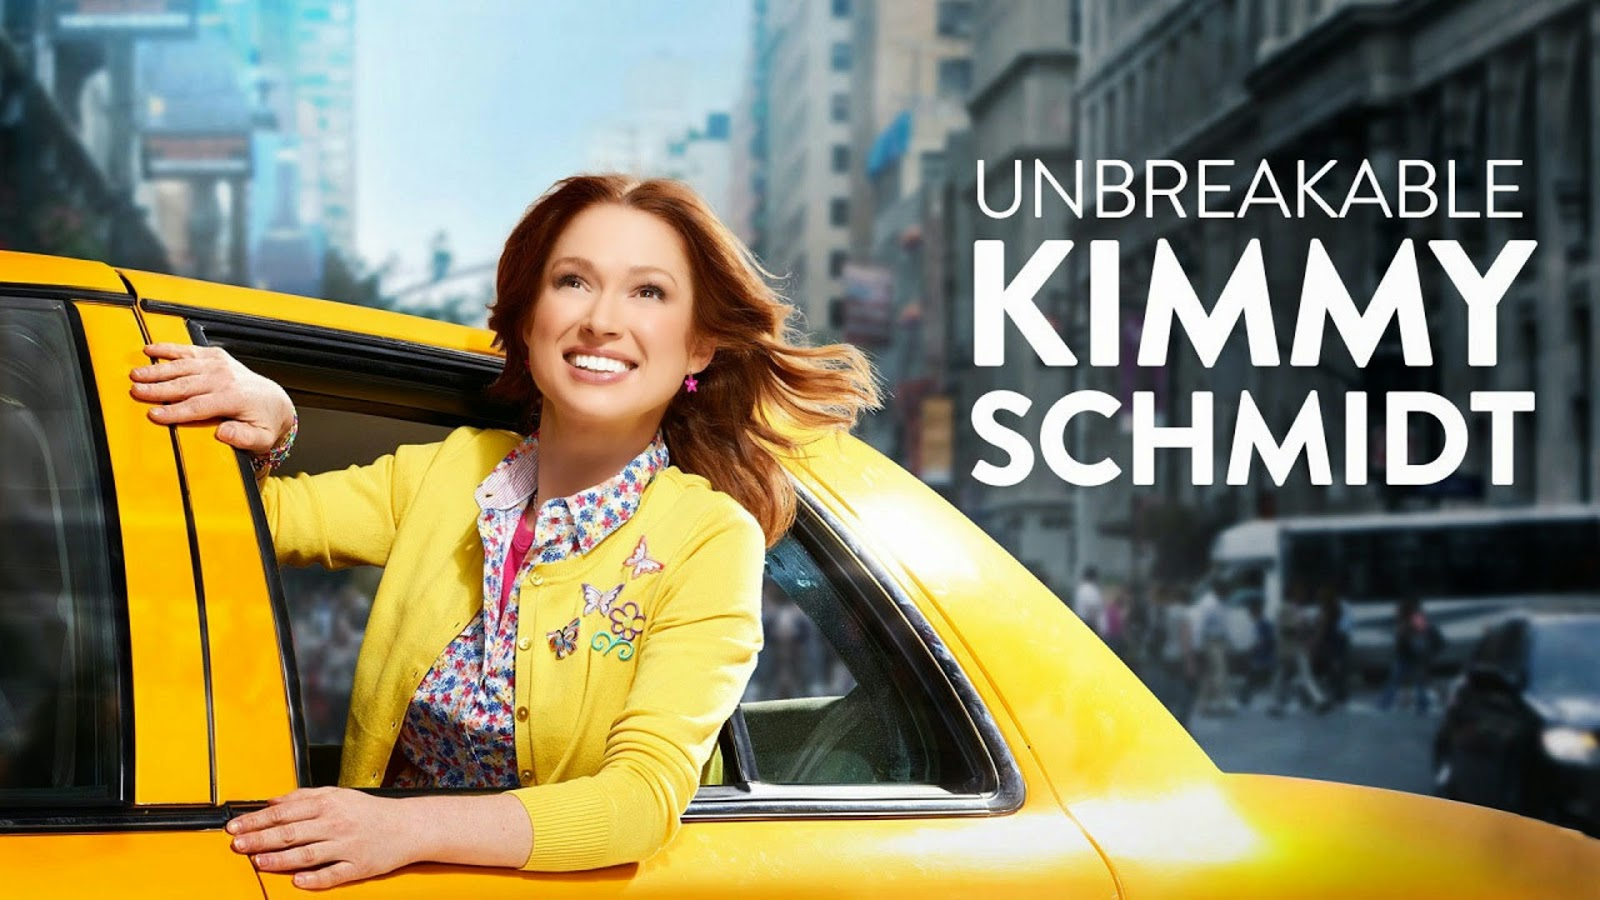 unbreakable kimmy schmidt netflix critique